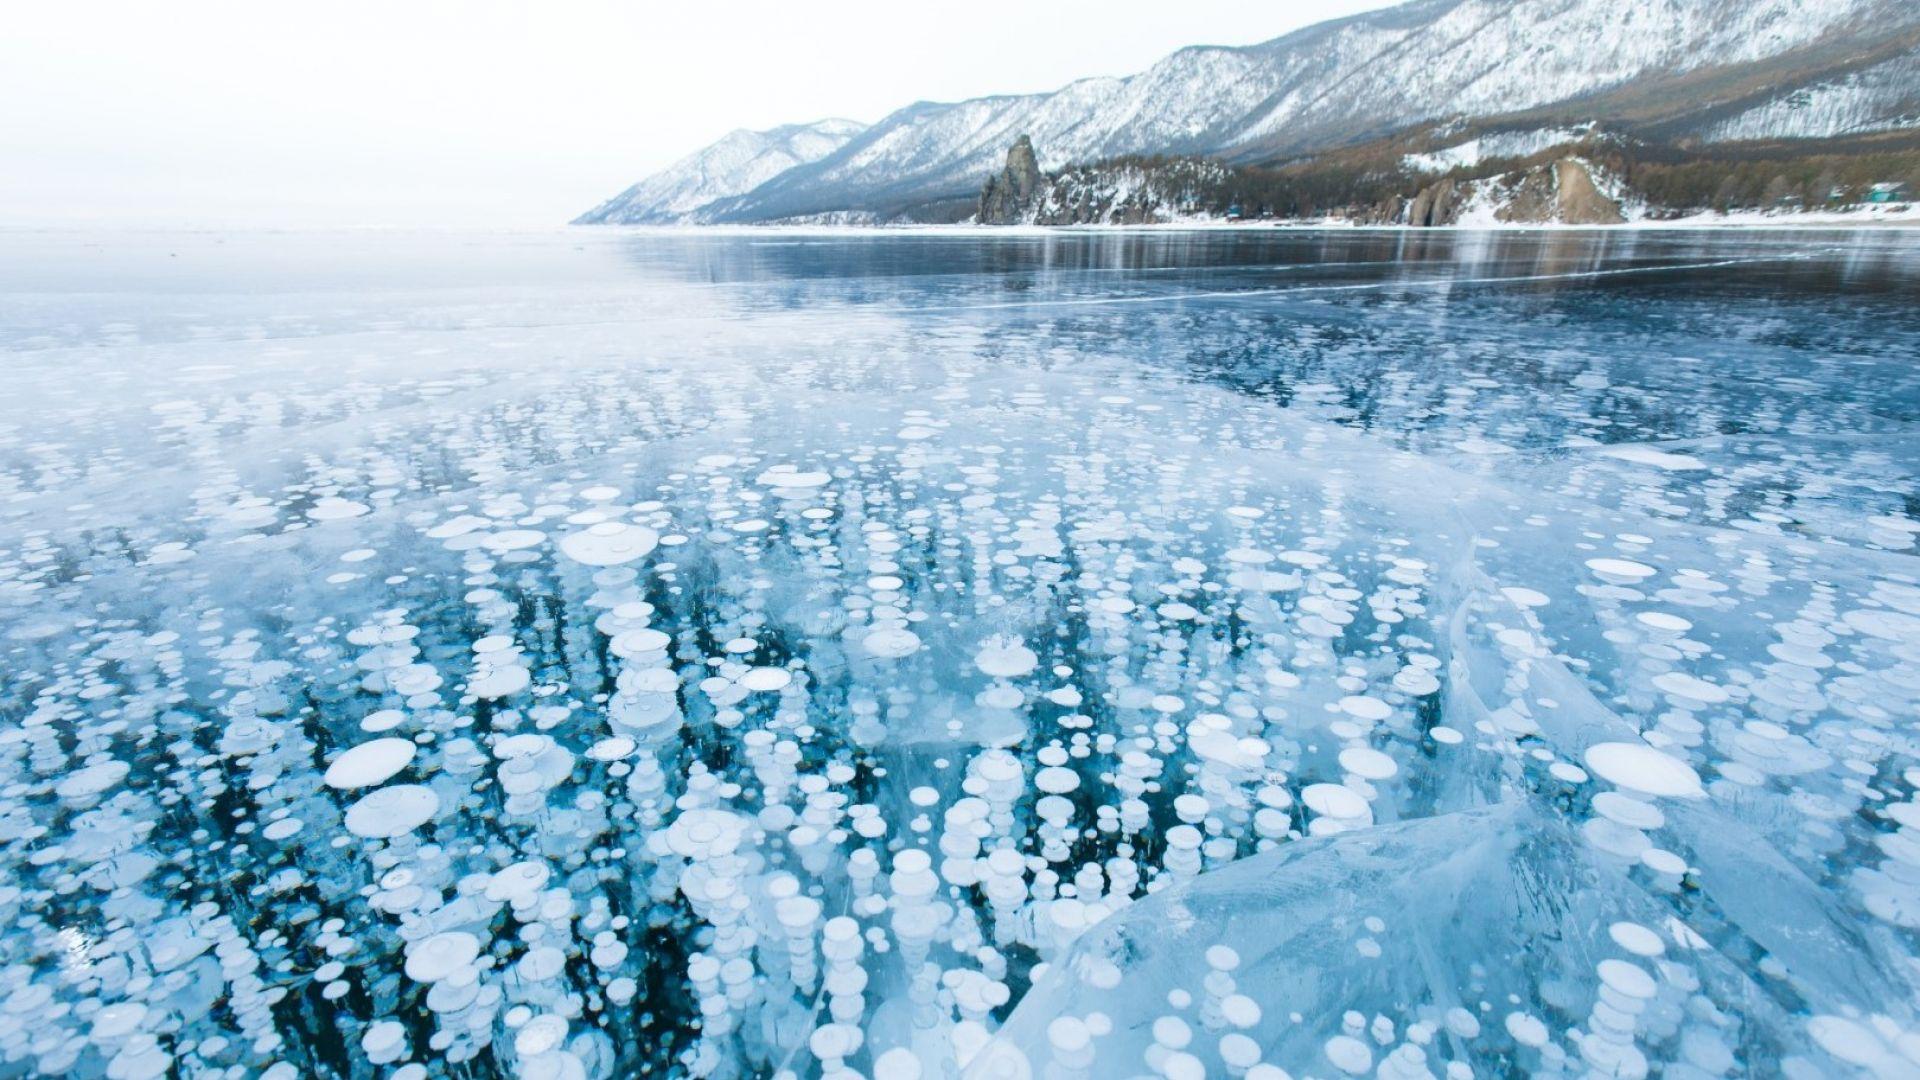 Тук ви е студено? Вижте как изглежда Сибир през зимата!